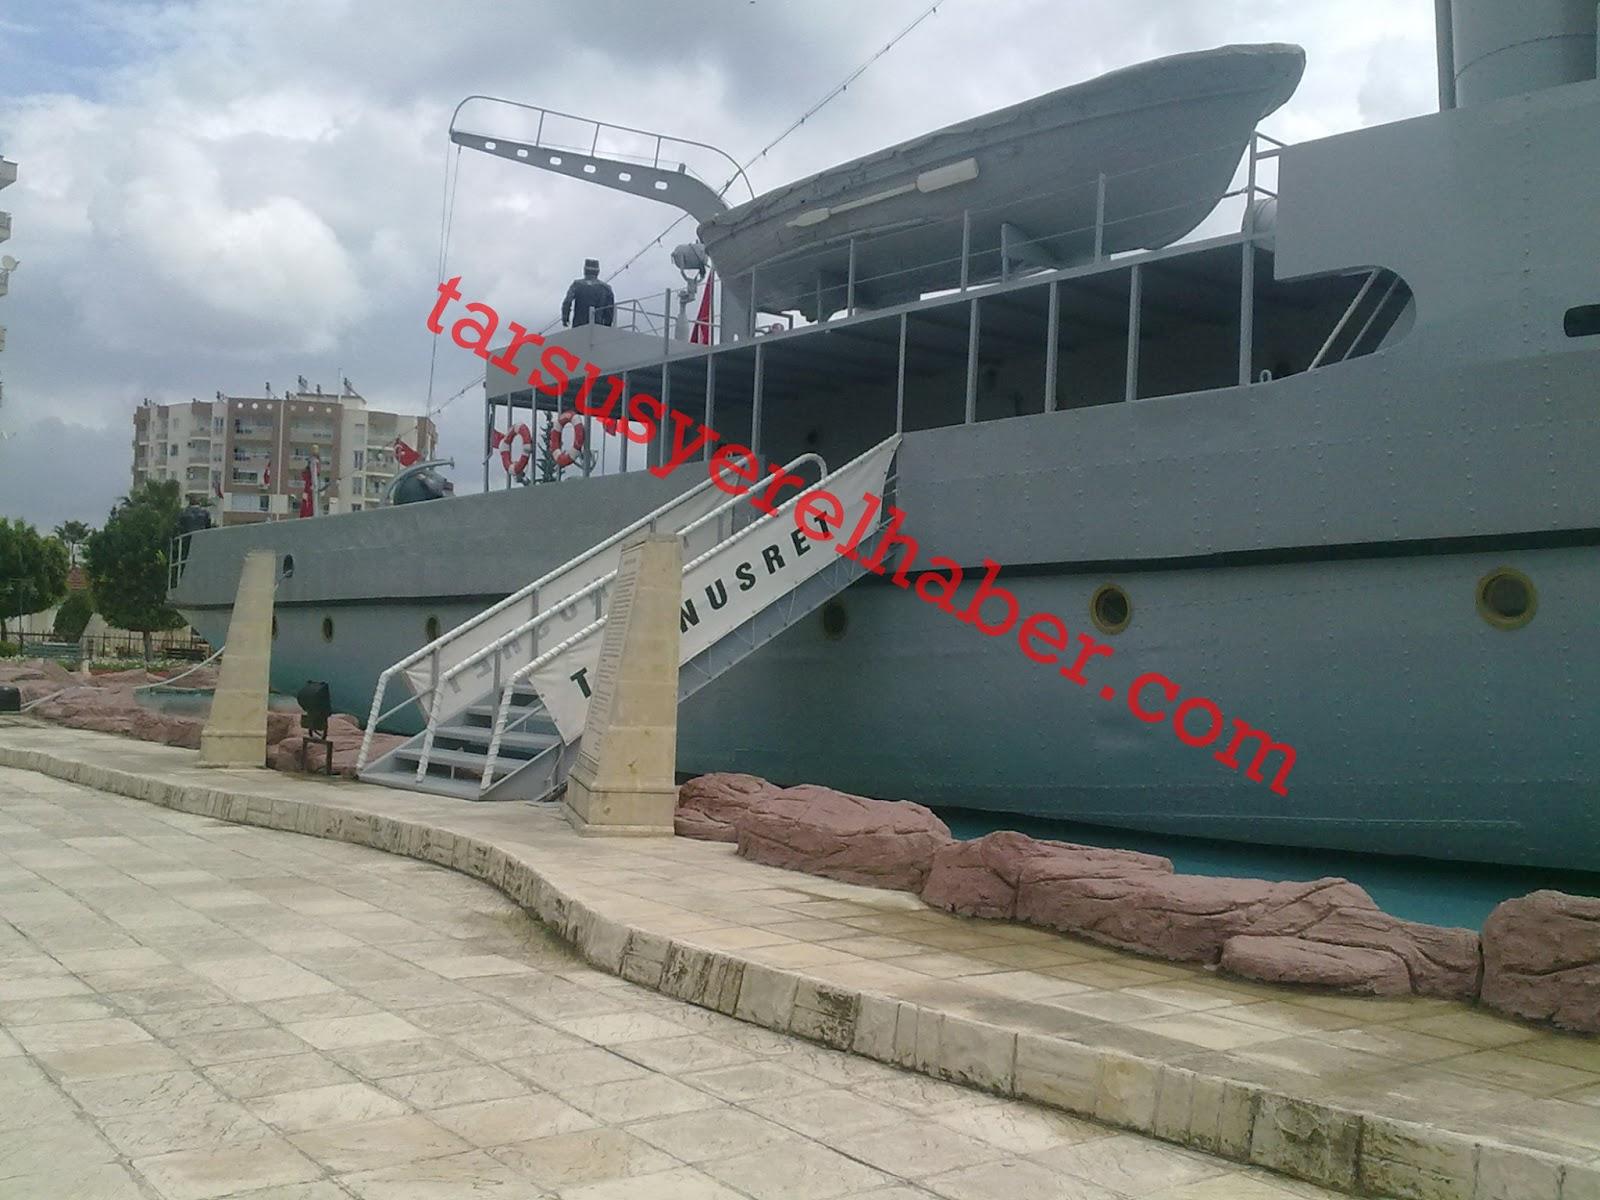 tarsus nusrat mayın gemisi-13